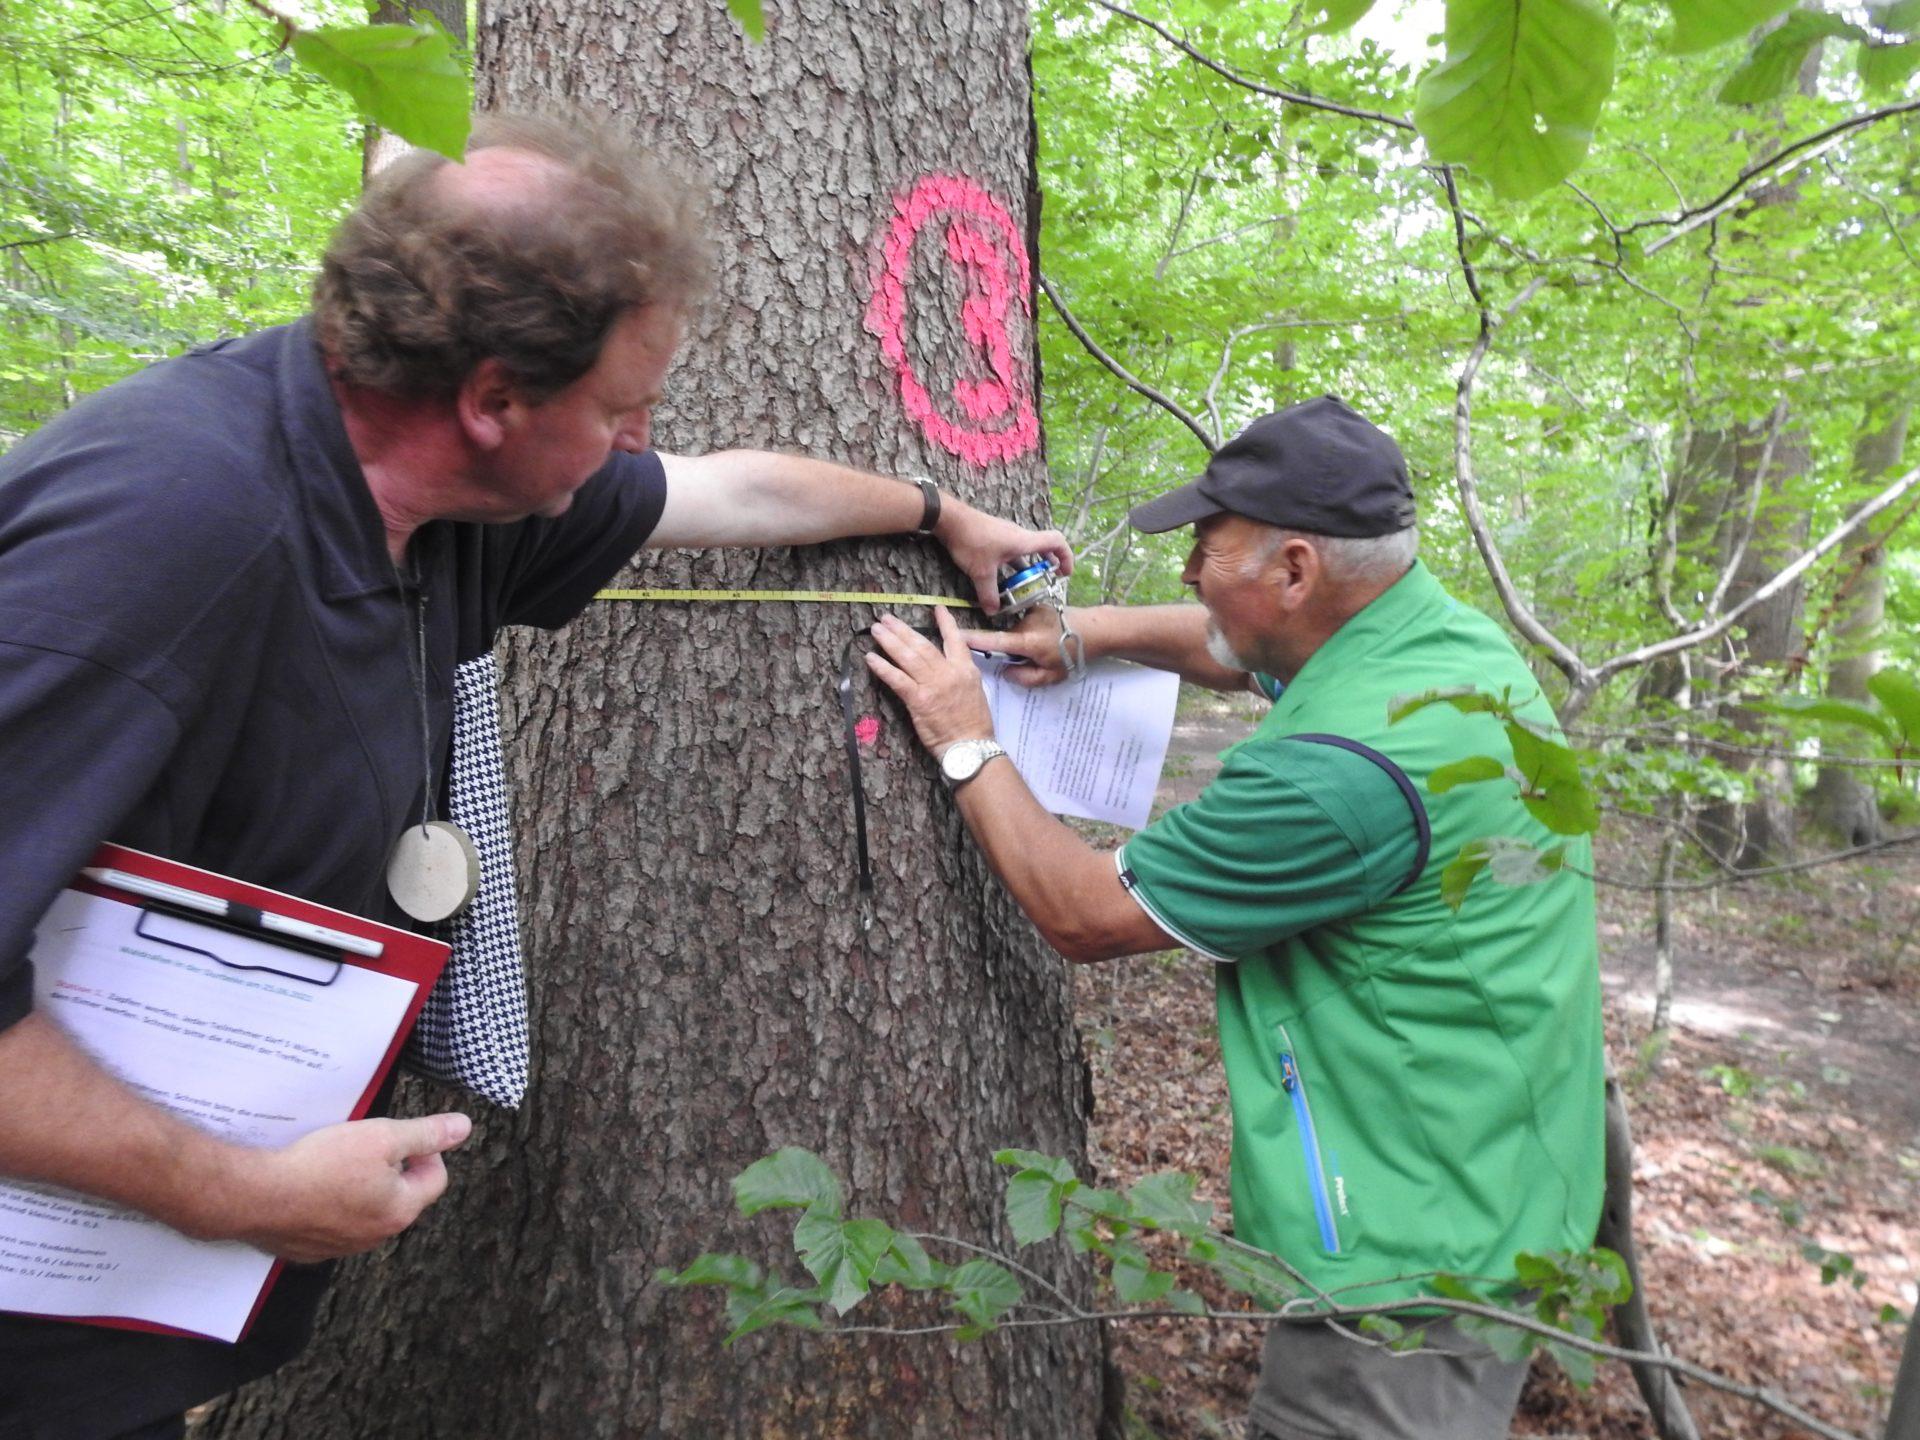 Zwei Zwei Männer in Outdoorkleidung messen den Baumumpfang einer Buche im Wald